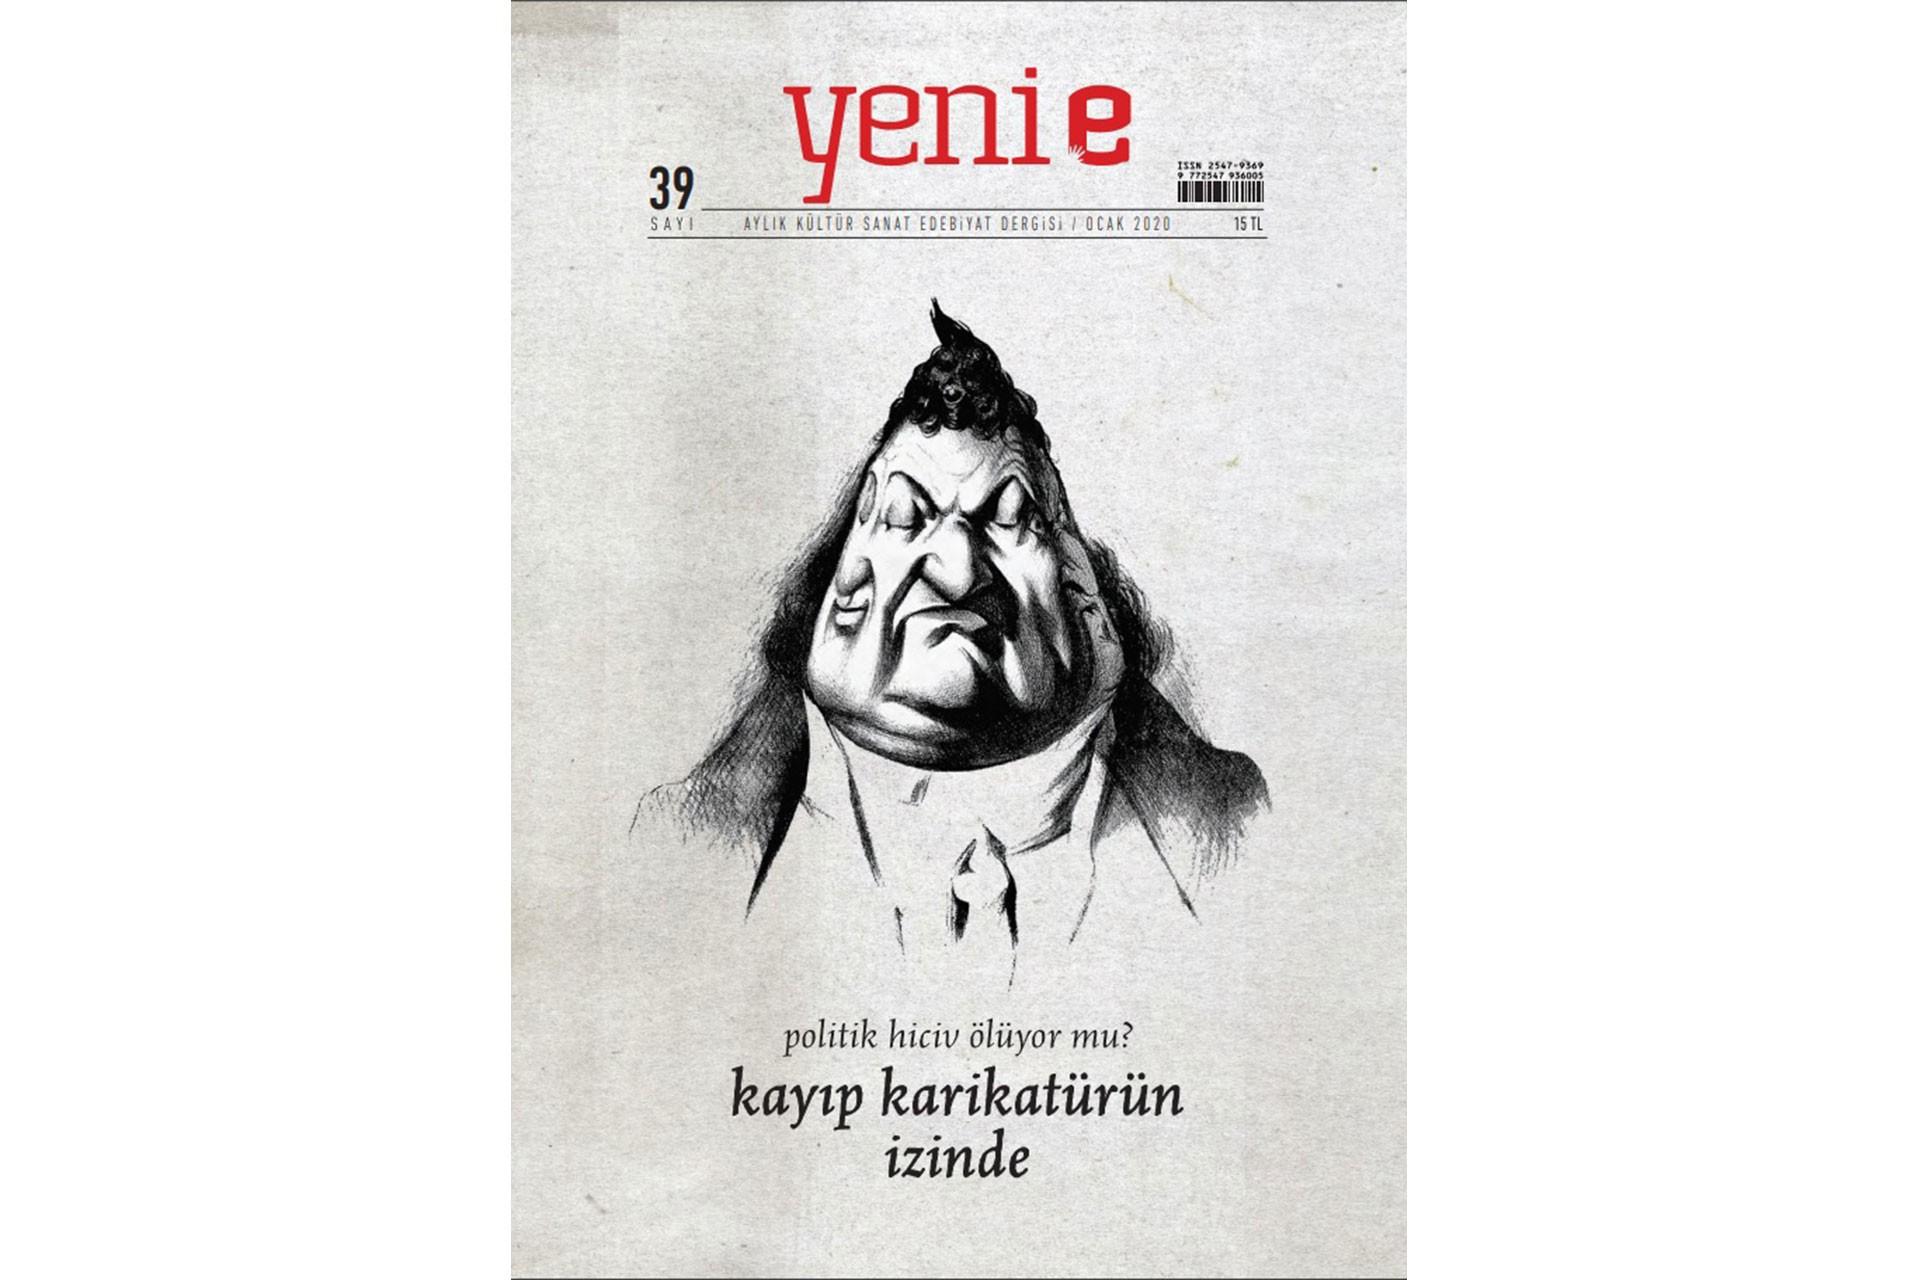 Yeni e'nin Ocak 2020 sayısının kapağı